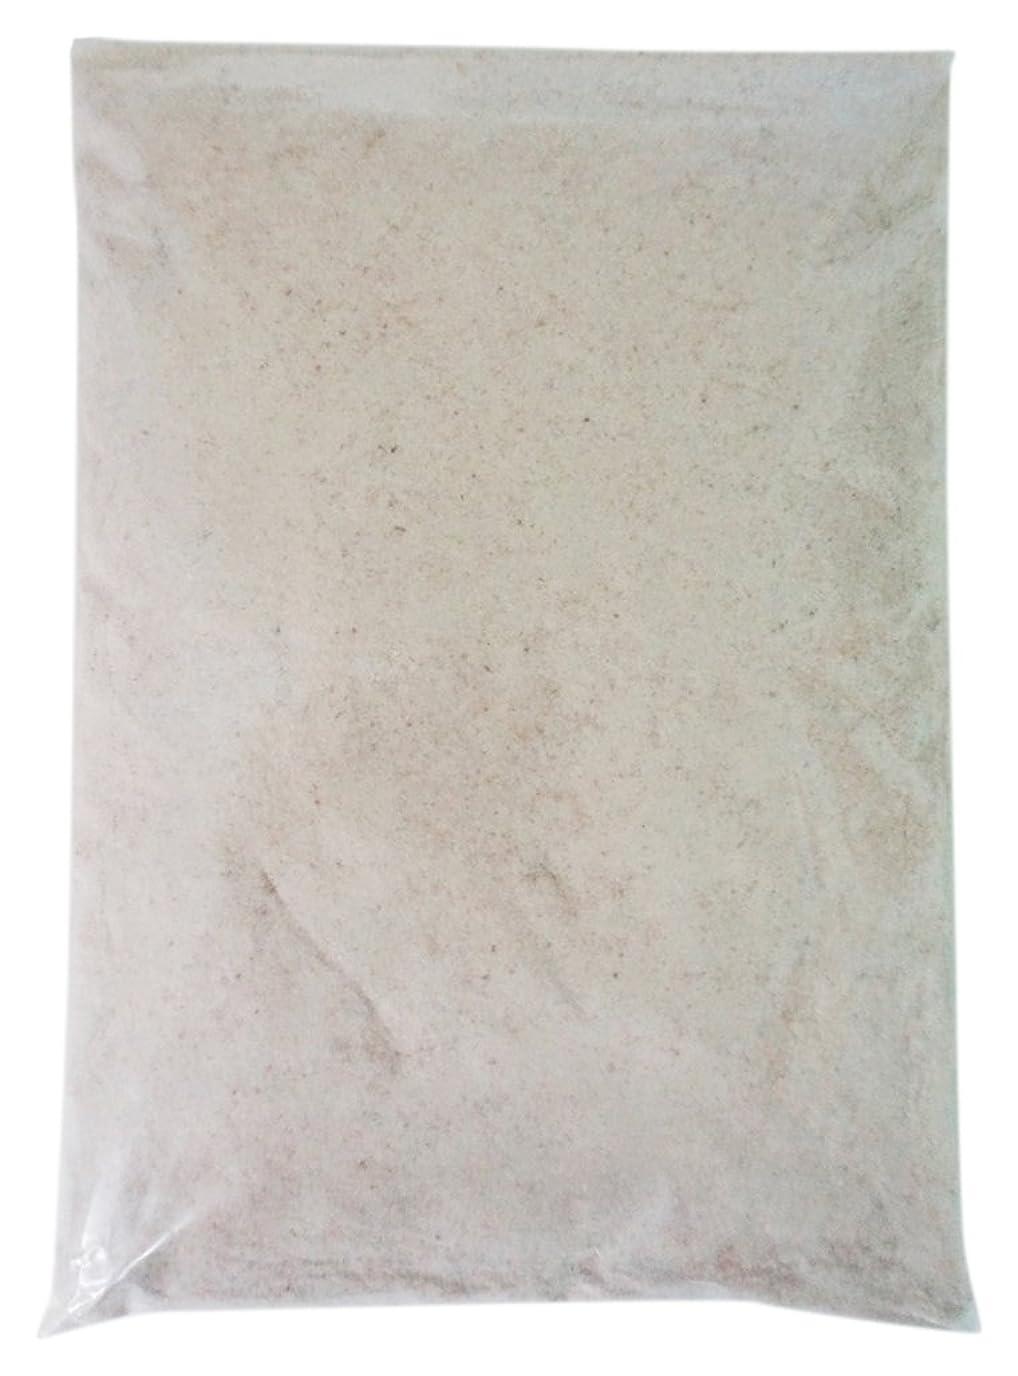 ベーコン浸漬センチメートルヒマラヤ岩塩 ピンクソルト バスソルト(粉末) (1kg)